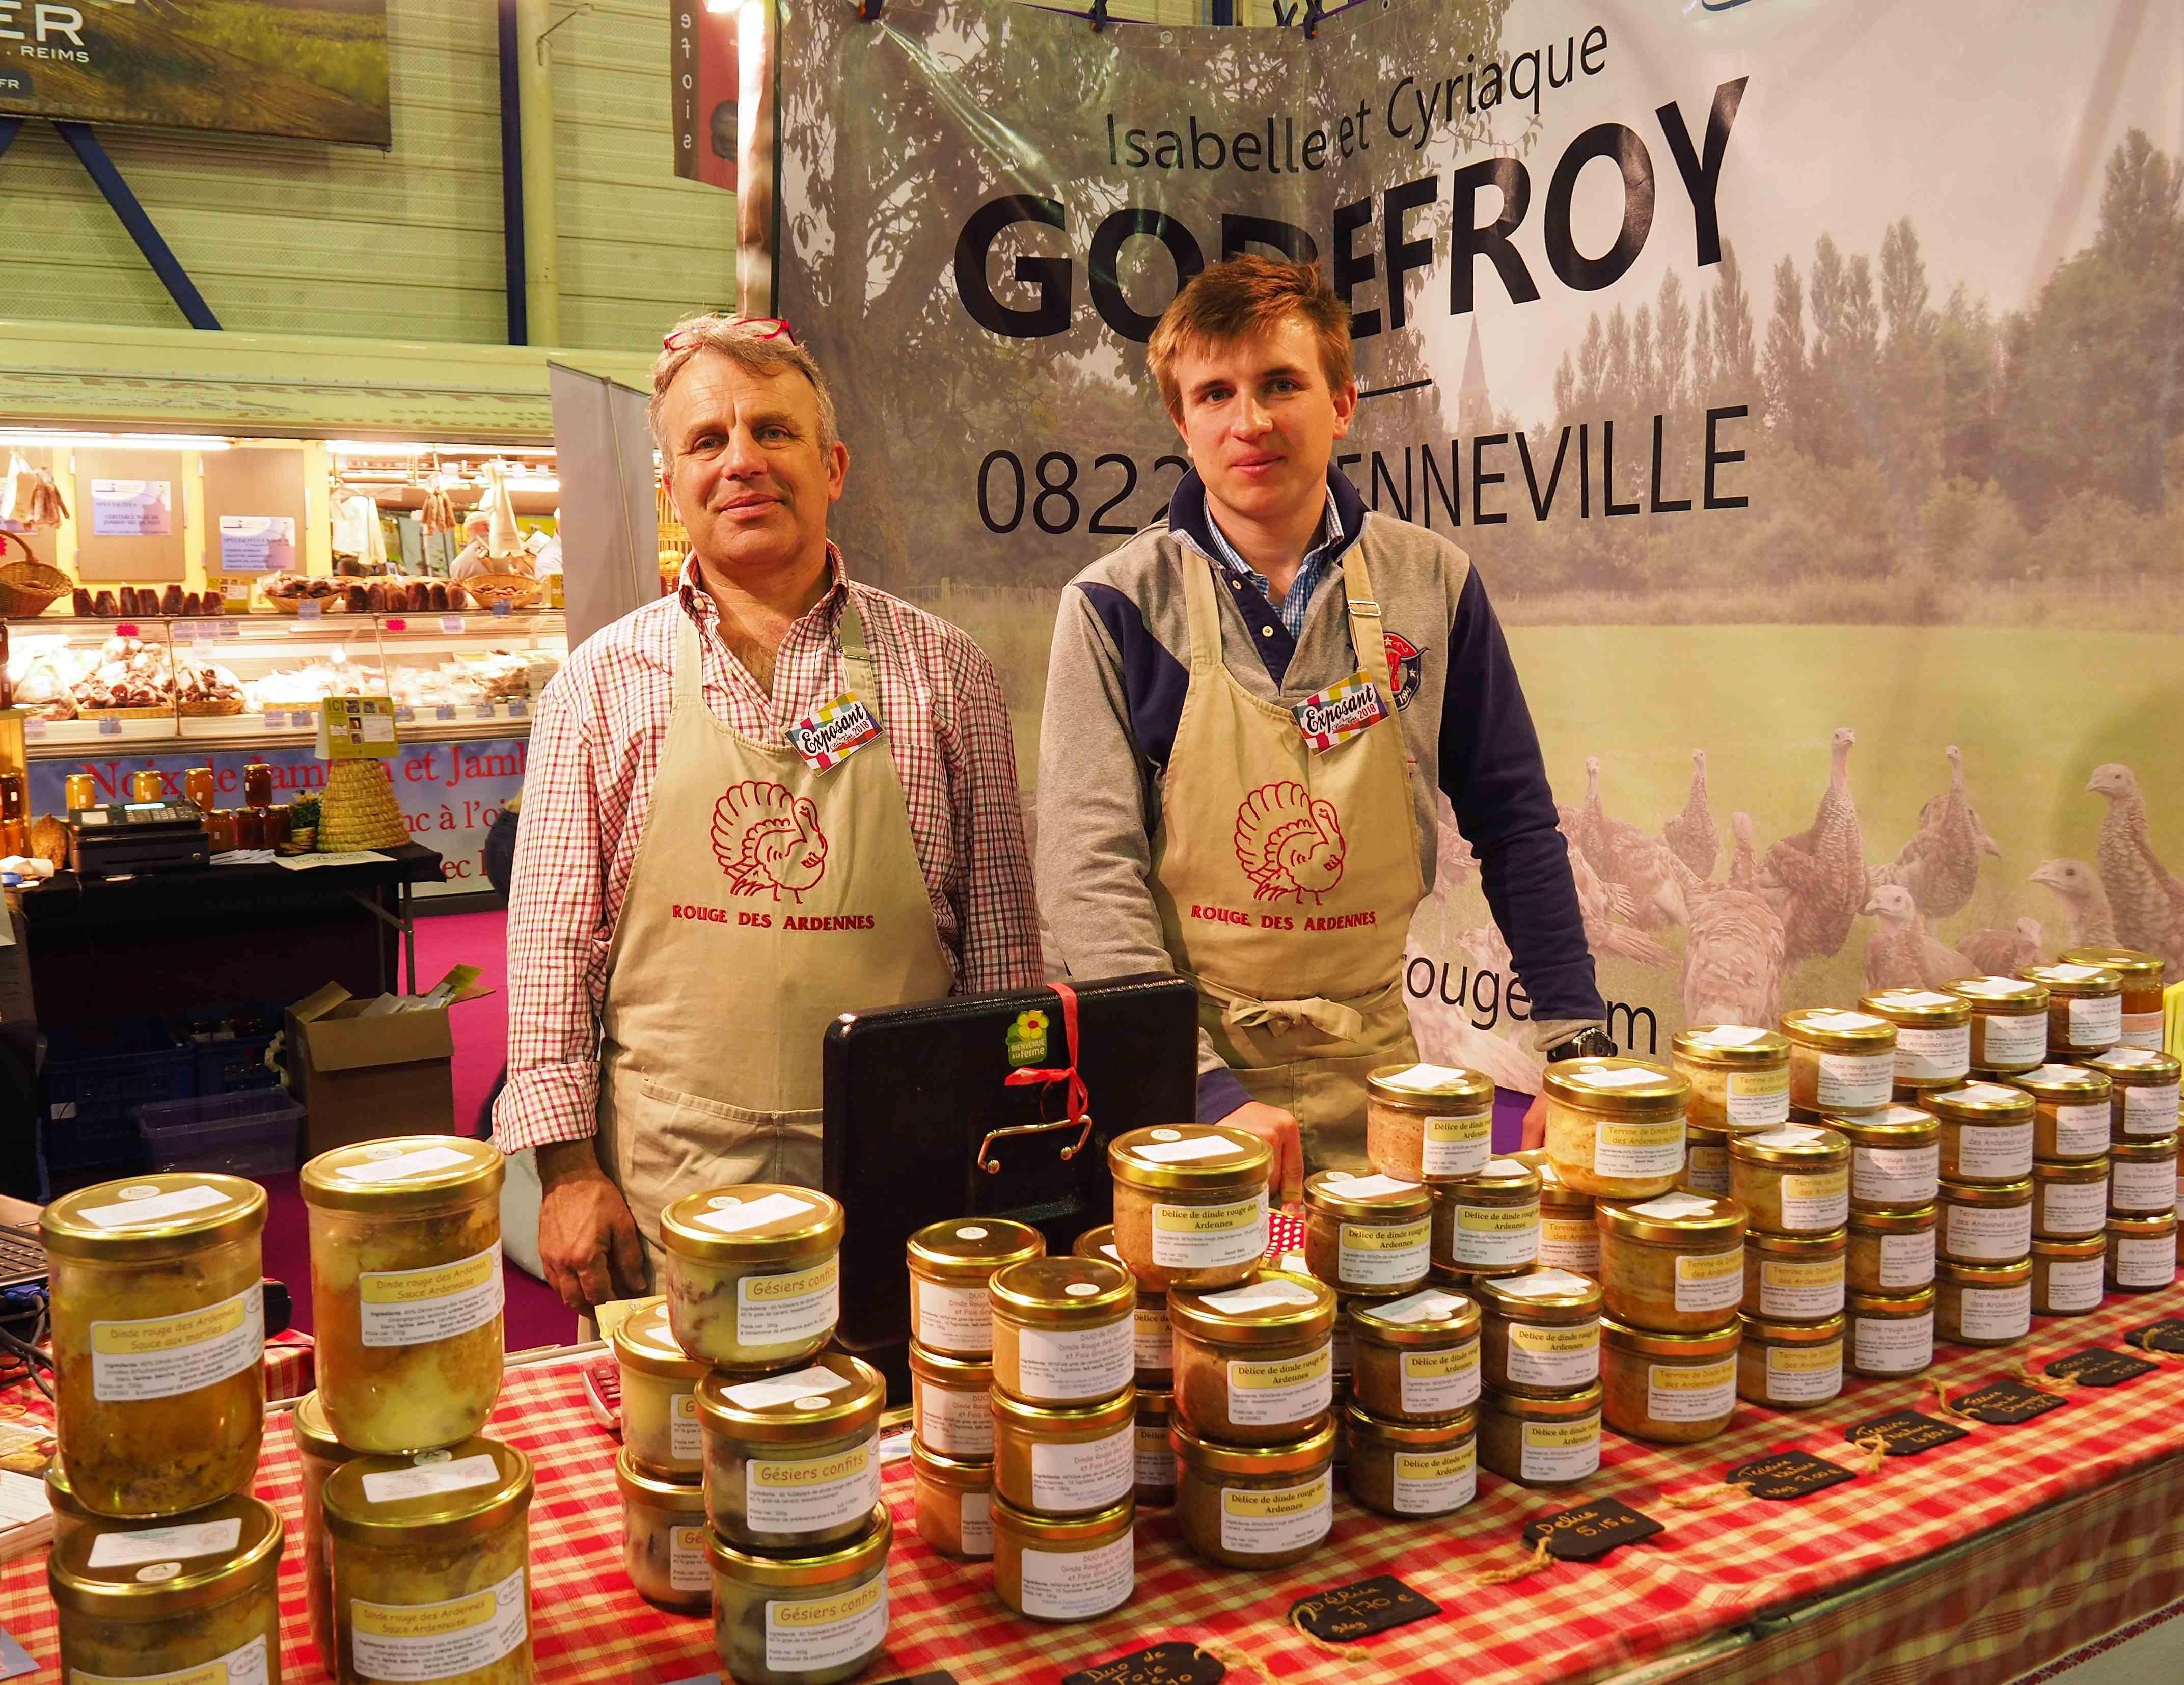 La famille GODEFROY (La dinde rouge des Ardennes) au Festival du Bon et du Goût